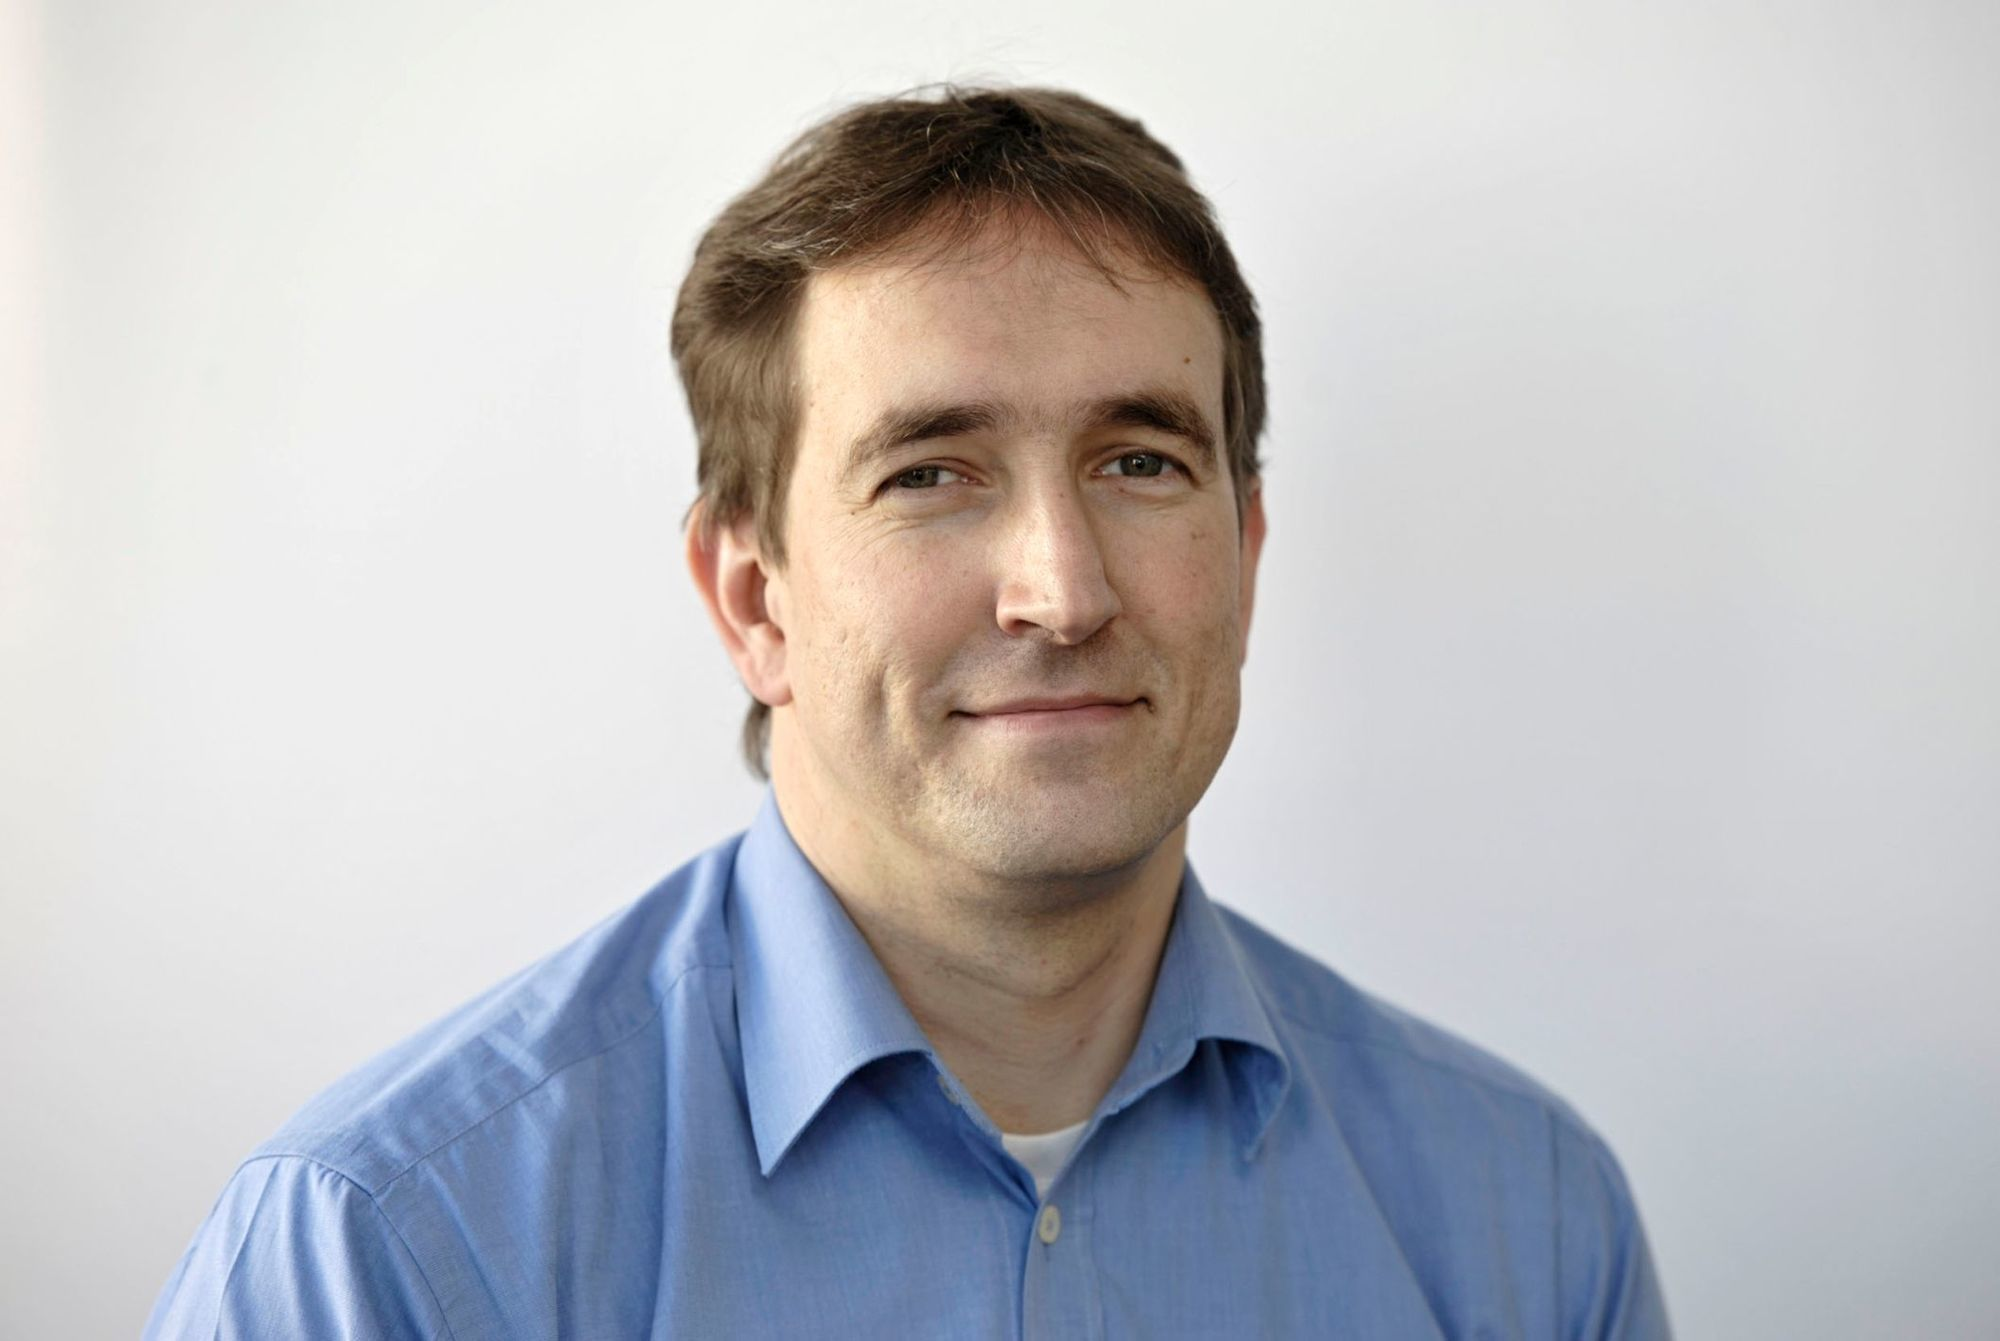 Bernhard Zinke